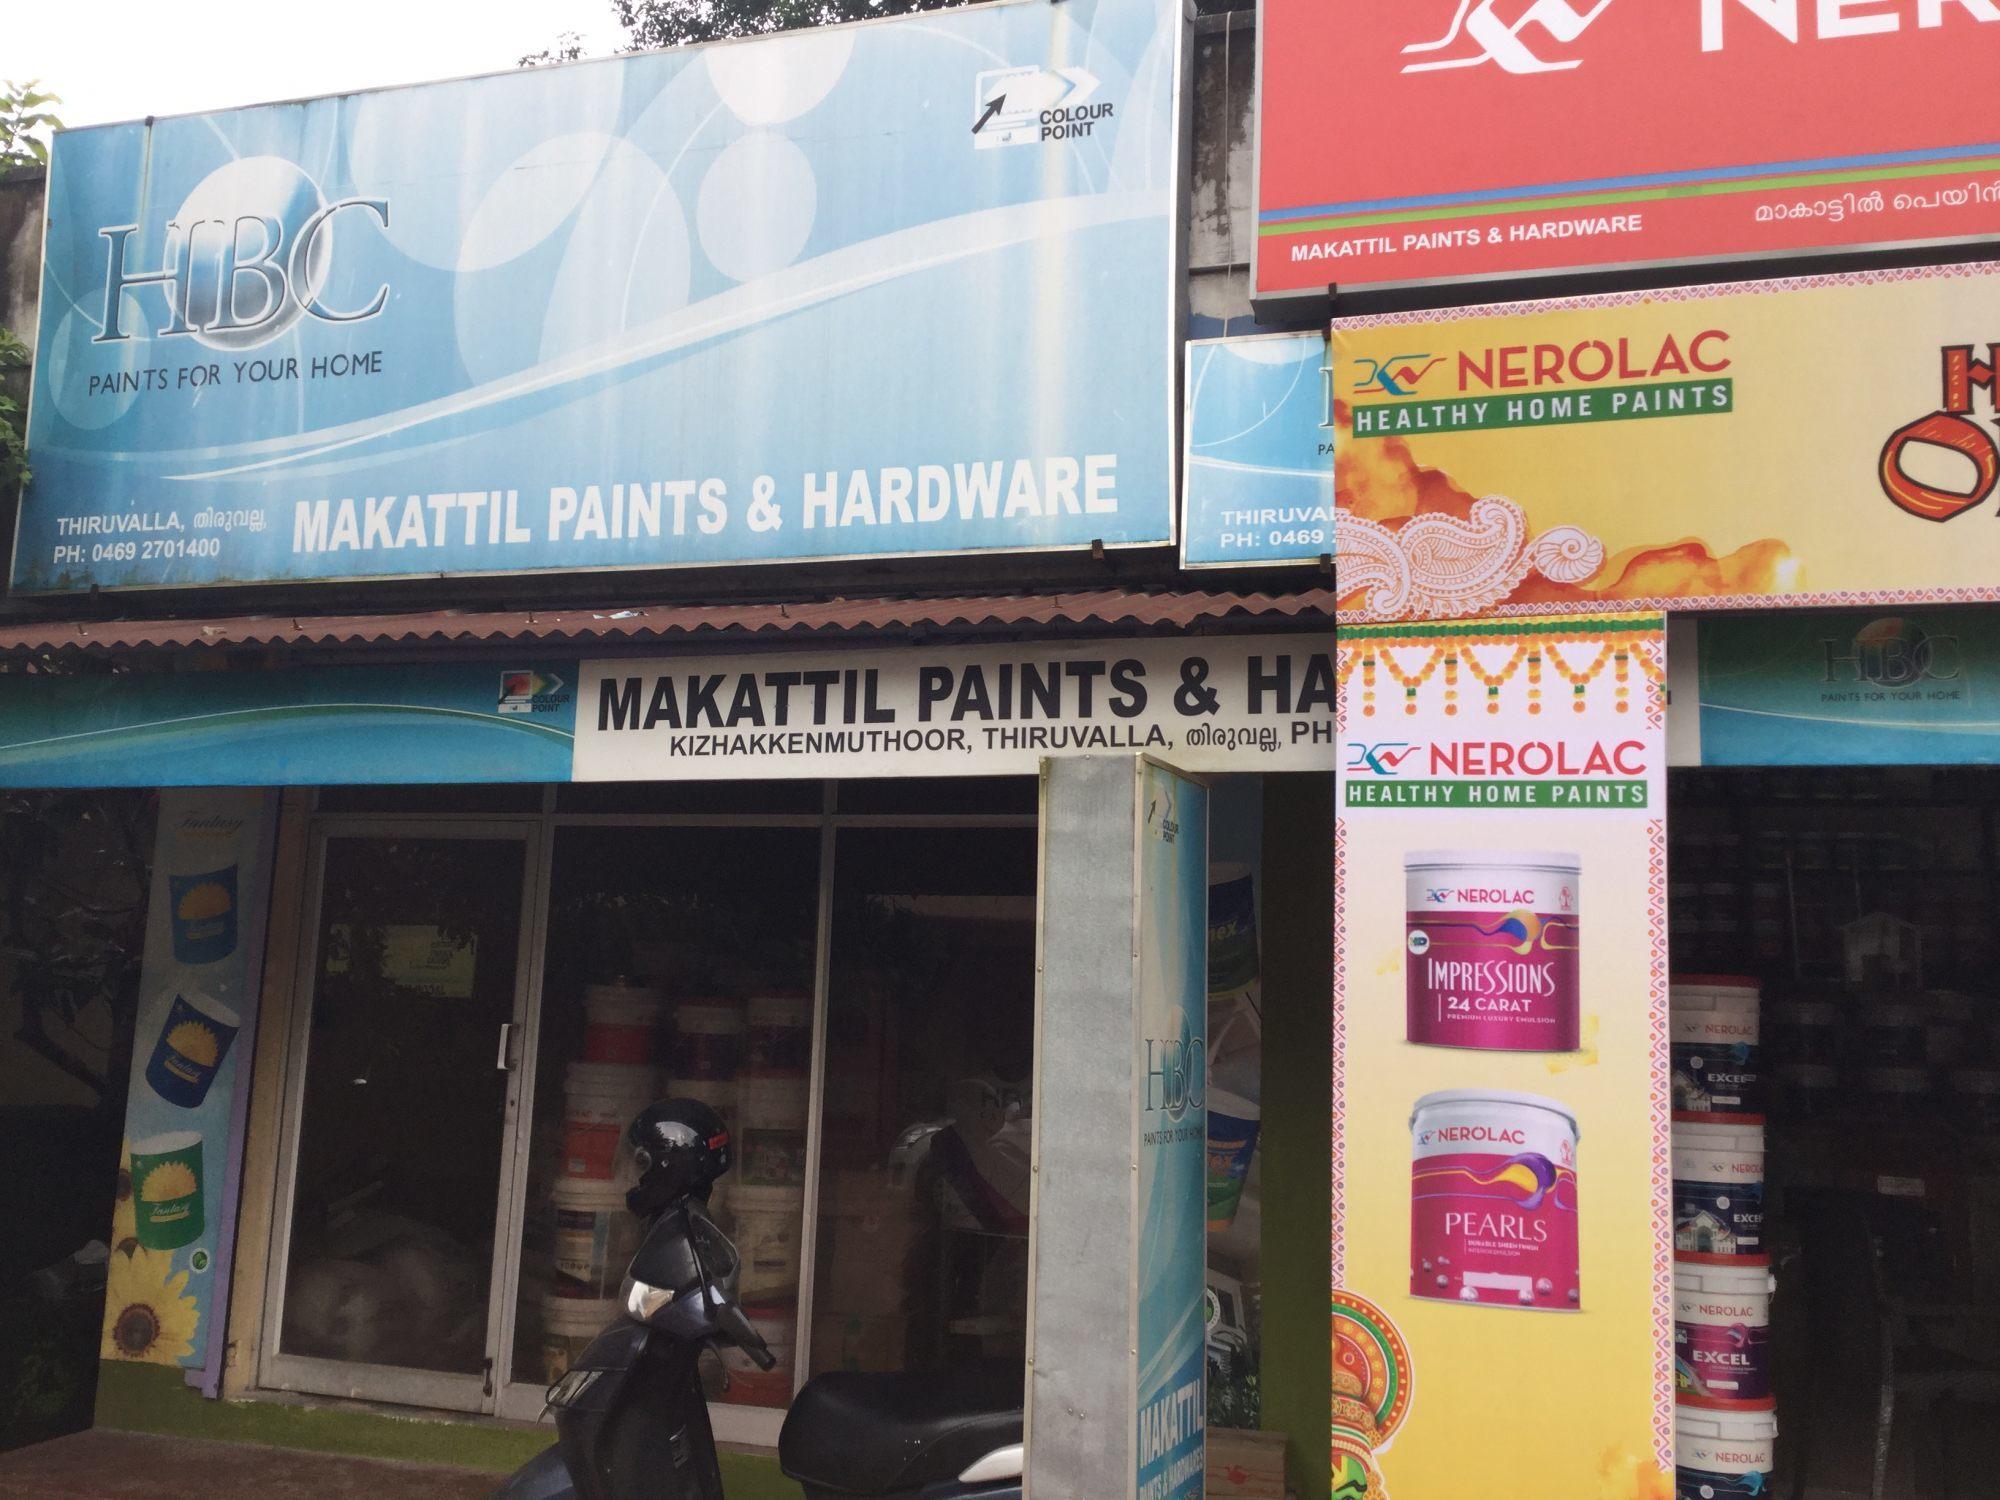 Makattil Paints & Hardware, PAINT SHOP,  service in Thiruvalla, Pathanamthitta